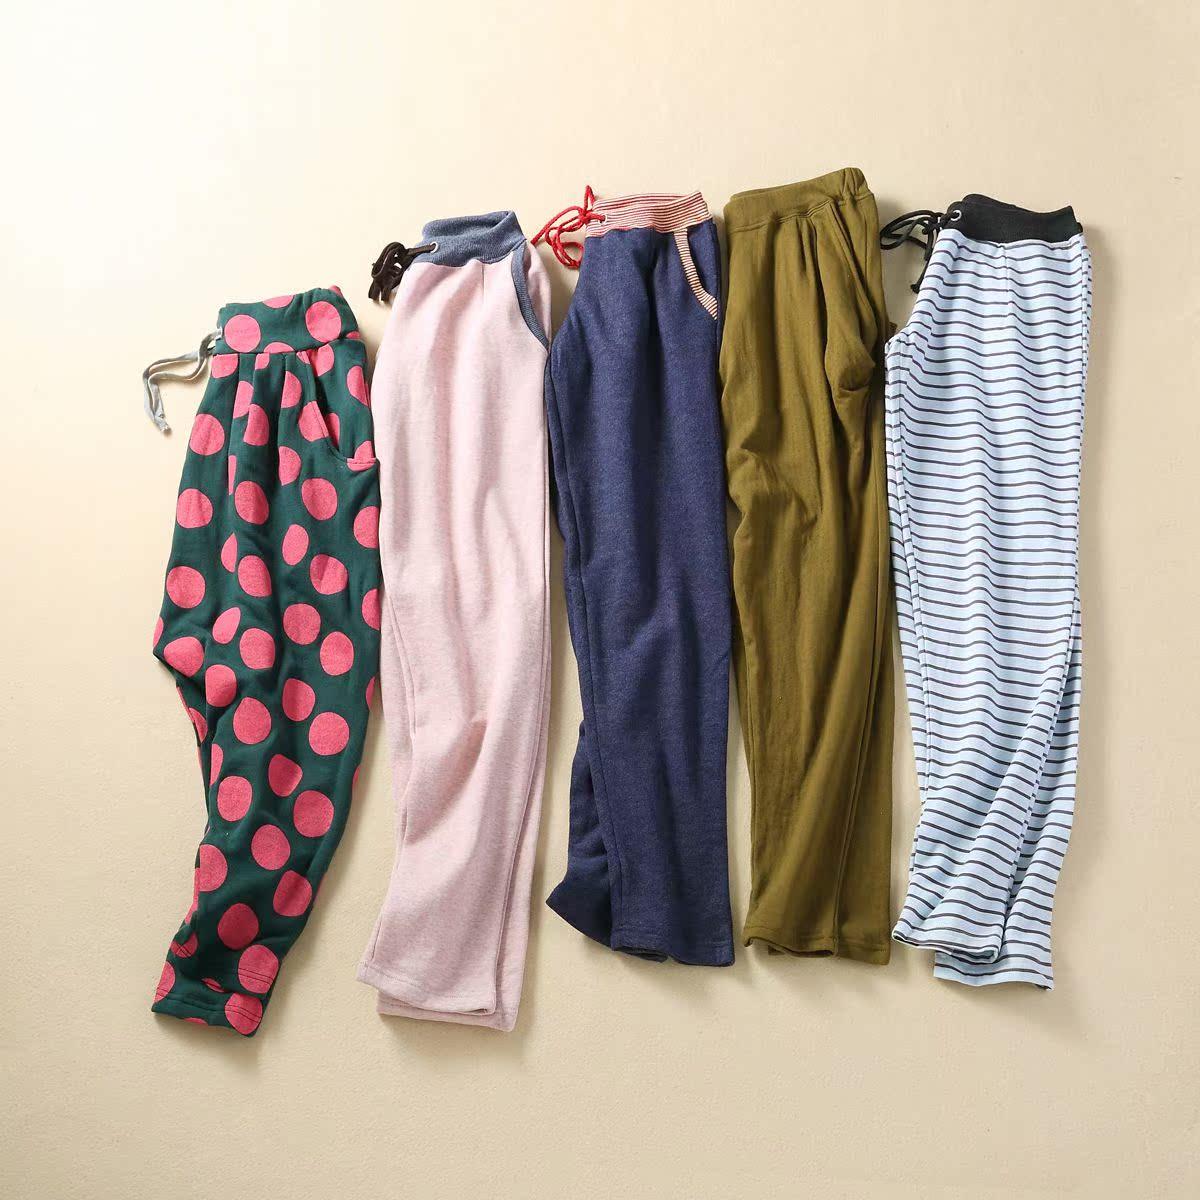 Внешней торговли оригинальный контраст пояс эластичный пояс галстук талии хлопок платье круг волны полосы девять брюки 0,3